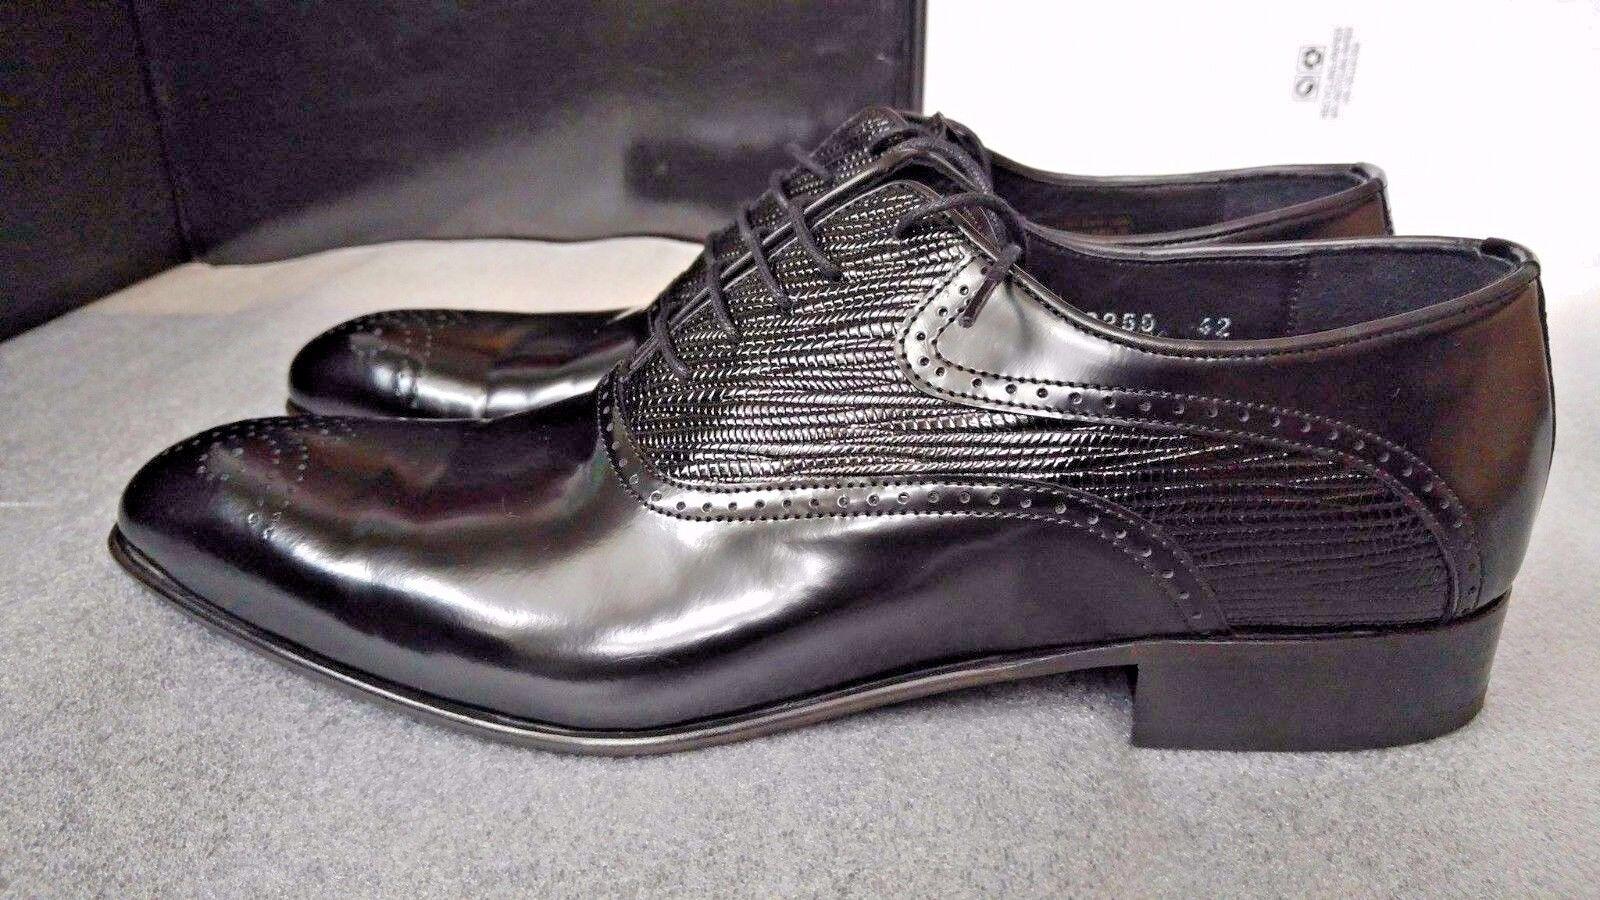 Reprise  noir chaussures hommes Taille 42EU (8UK) - 100% Cuir